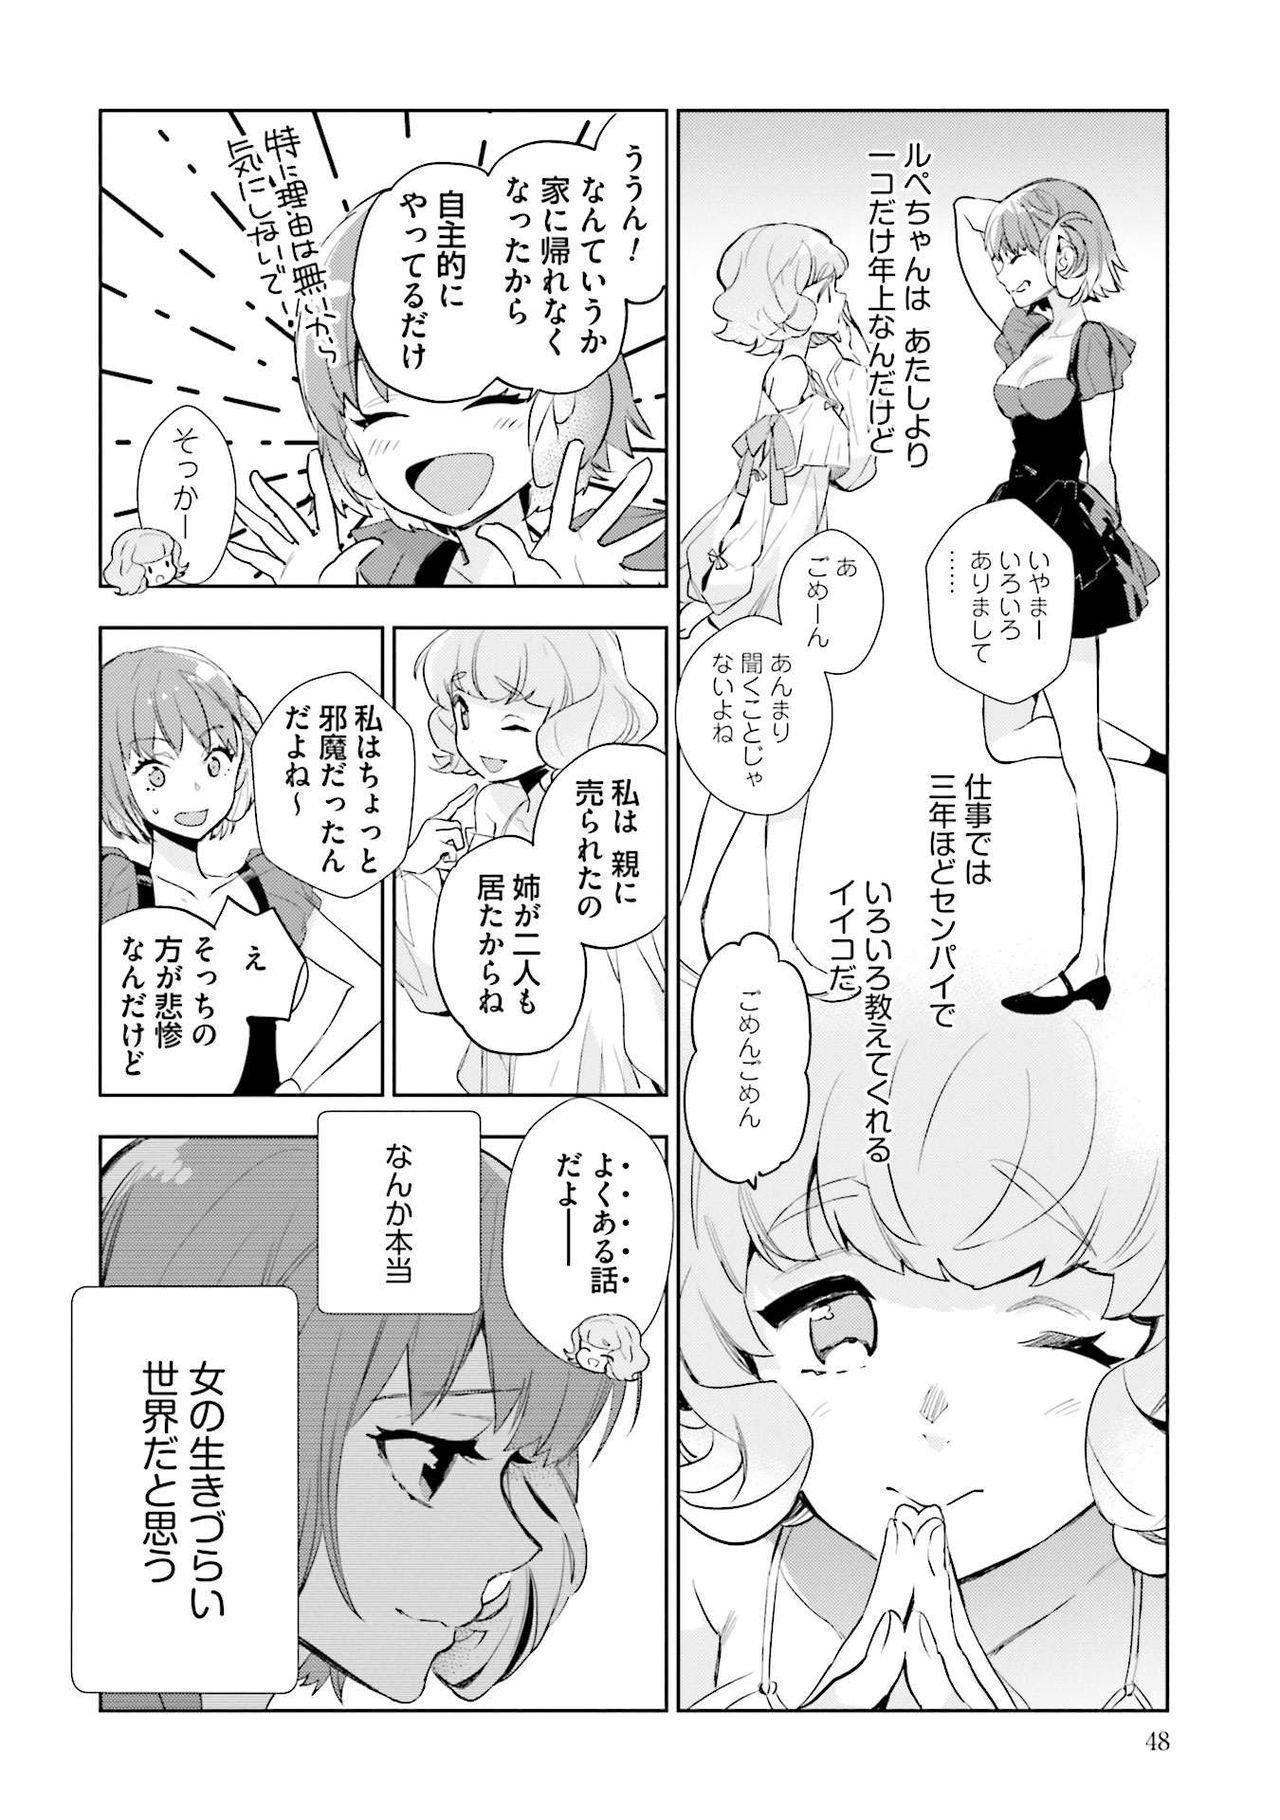 JK Haru wa Isekai de Shoufu ni Natta 1-14 49